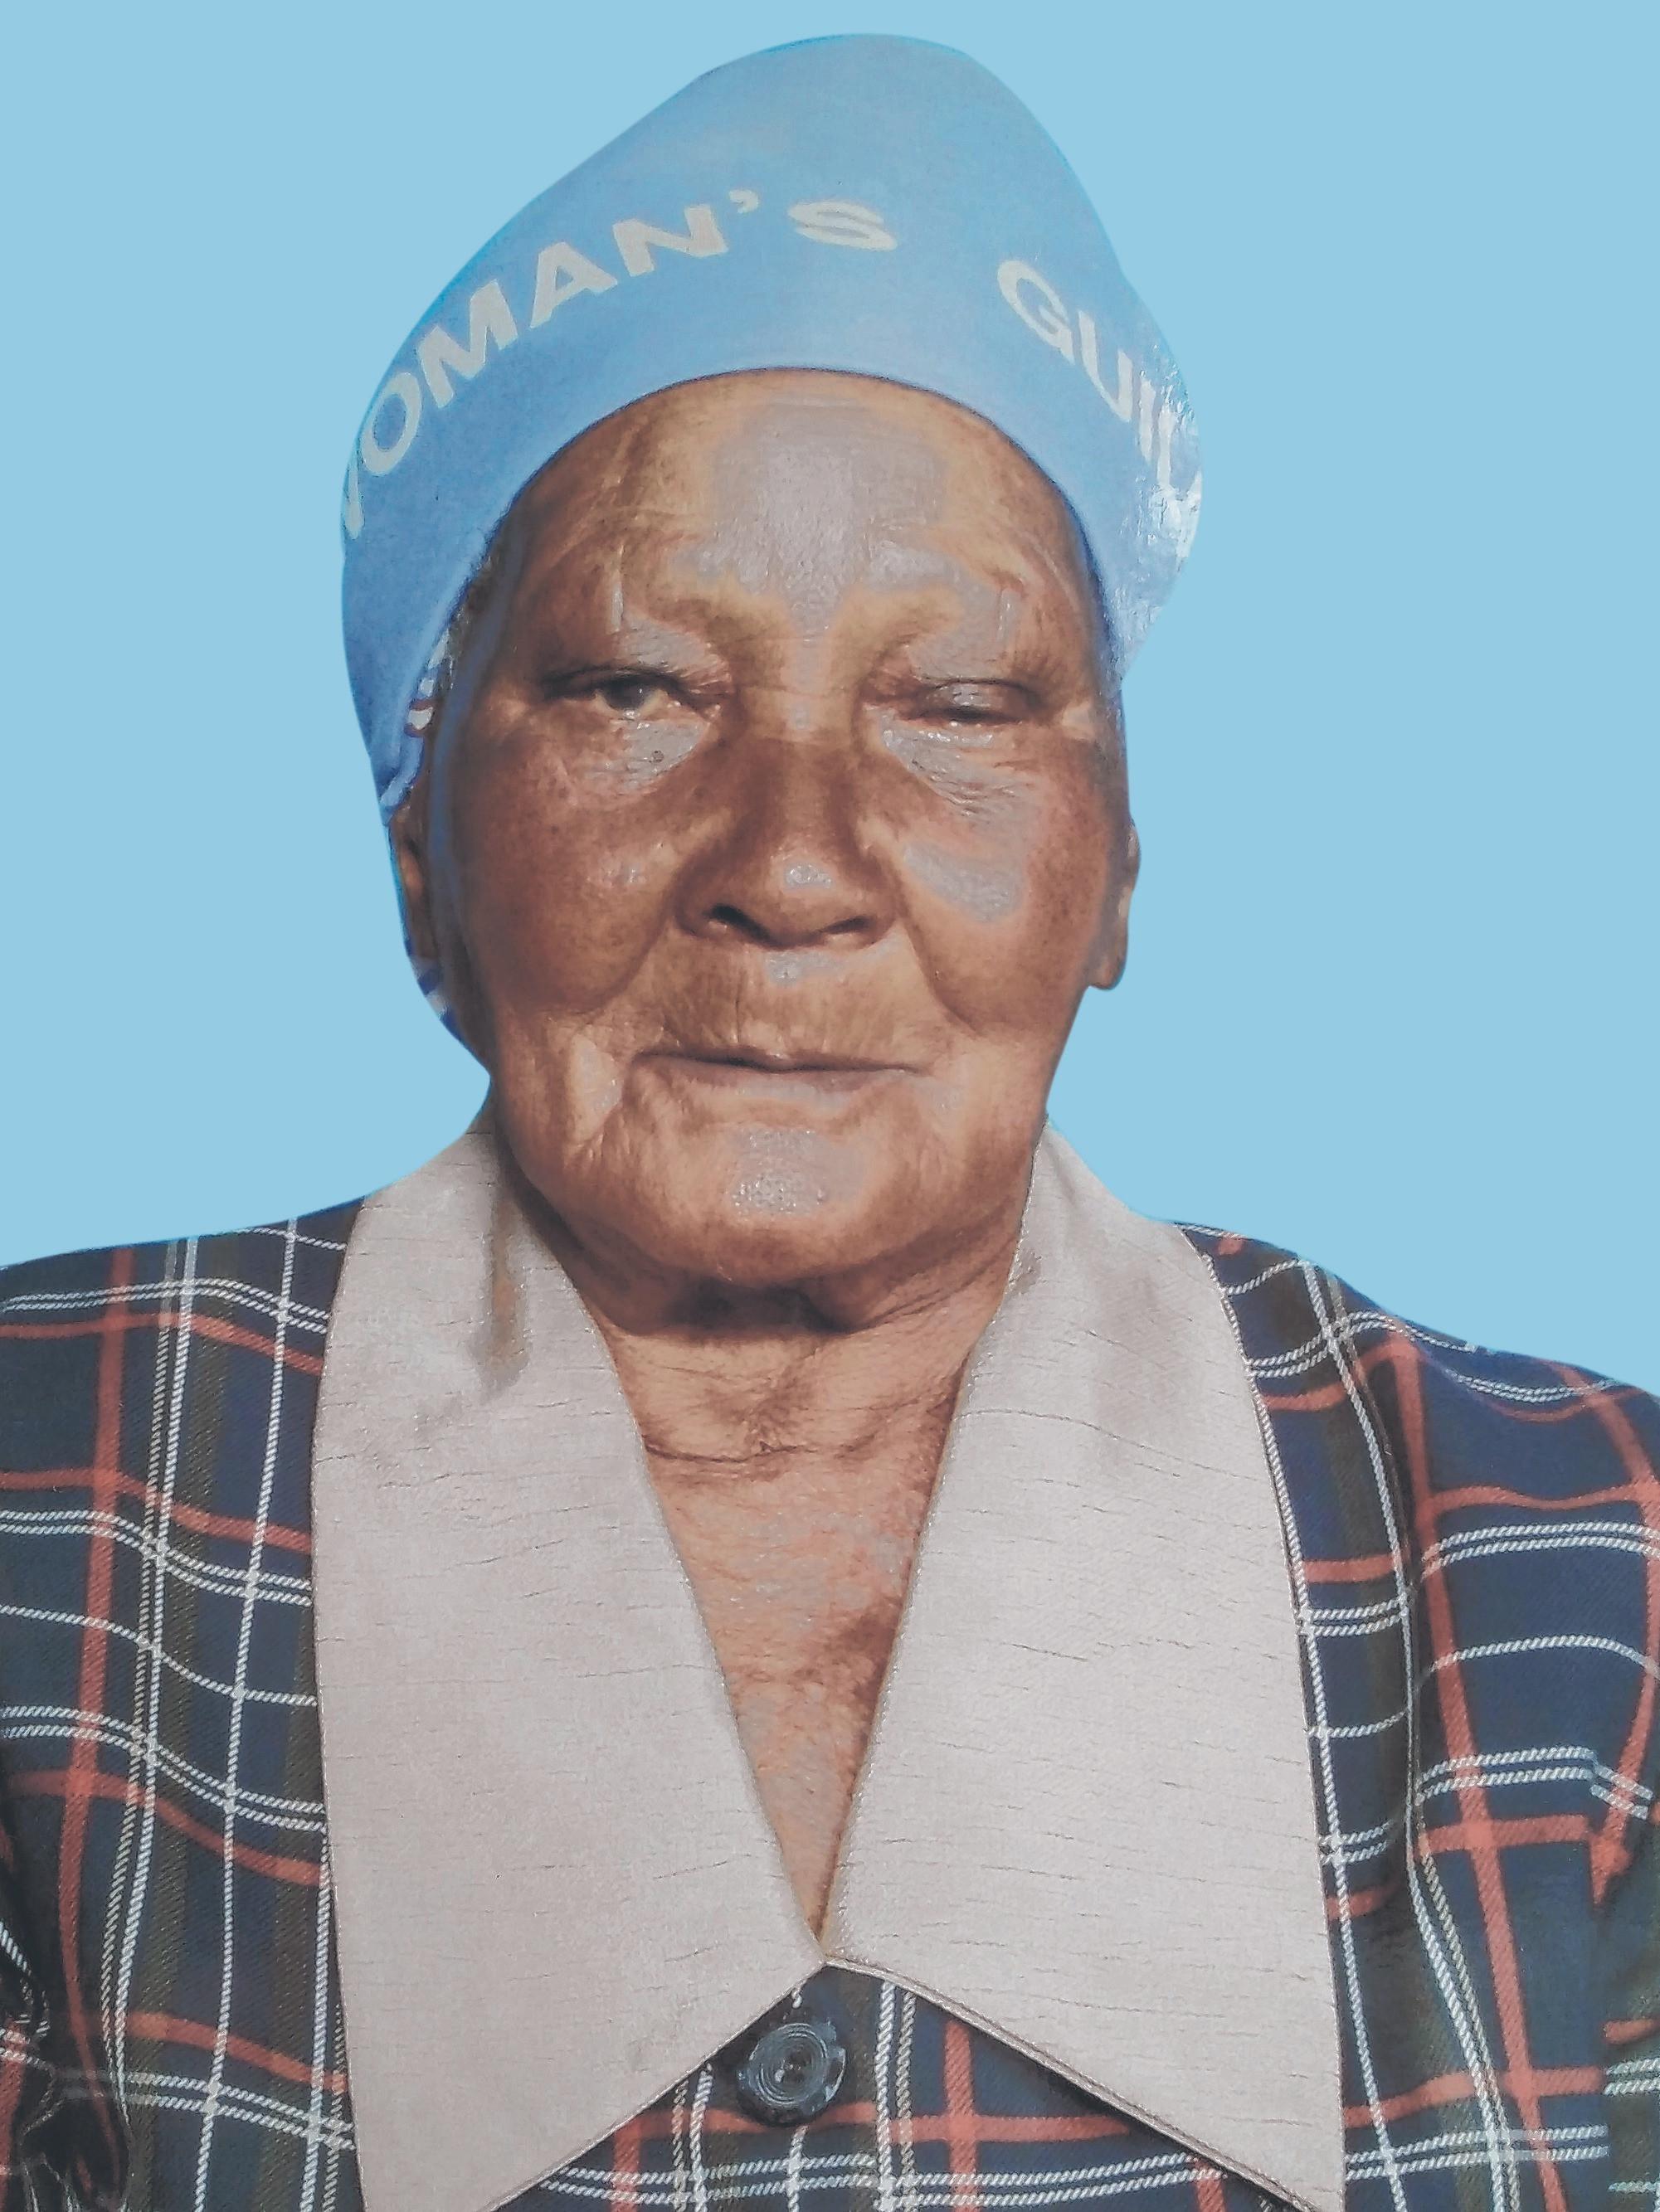 Gladwel Wanjiru Kahiu